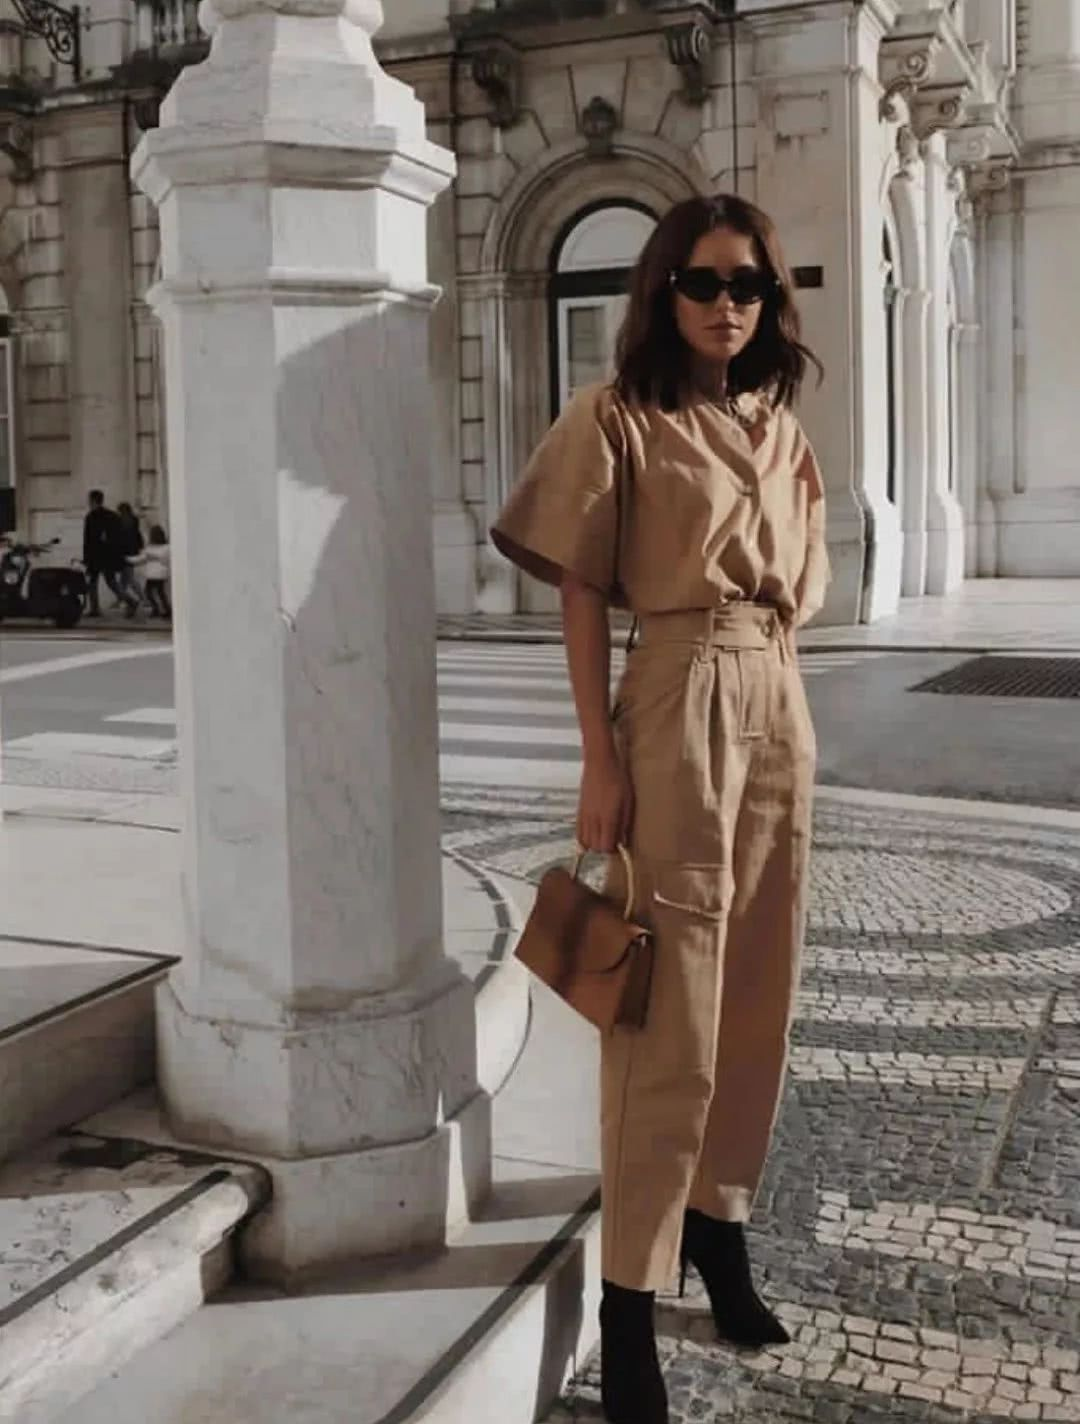 Nàng blogger chỉ cao 1m55 vẫn mặc đẹp quá và sang khiến đồng nghiệp khen tới tấp và thi nhau copy theo - Ảnh 2.